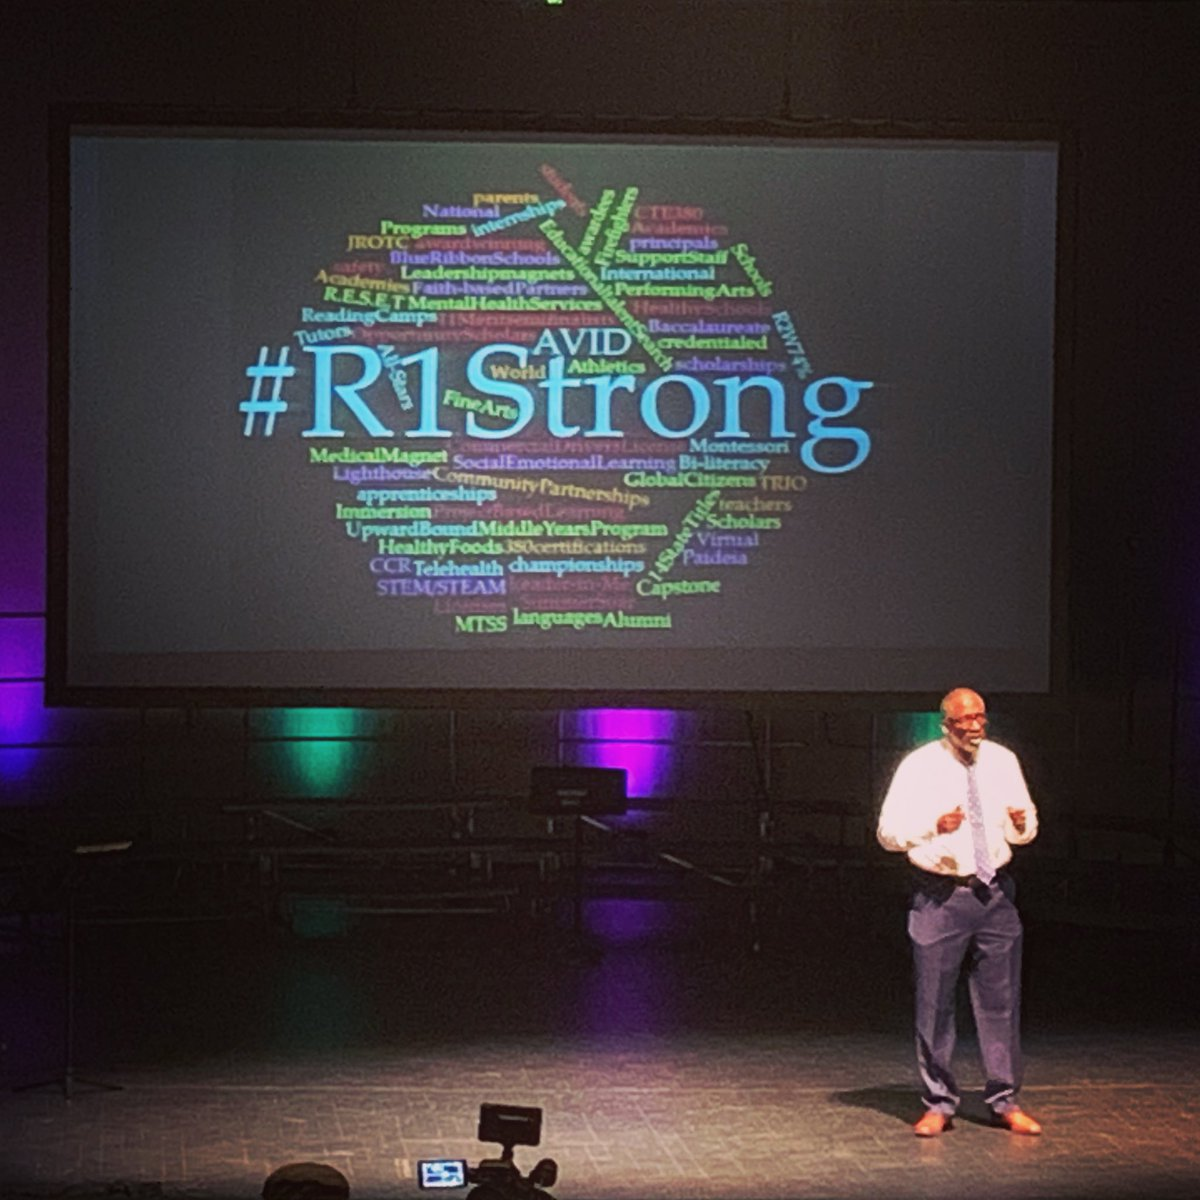 r1startstrong hashtag on Twitter